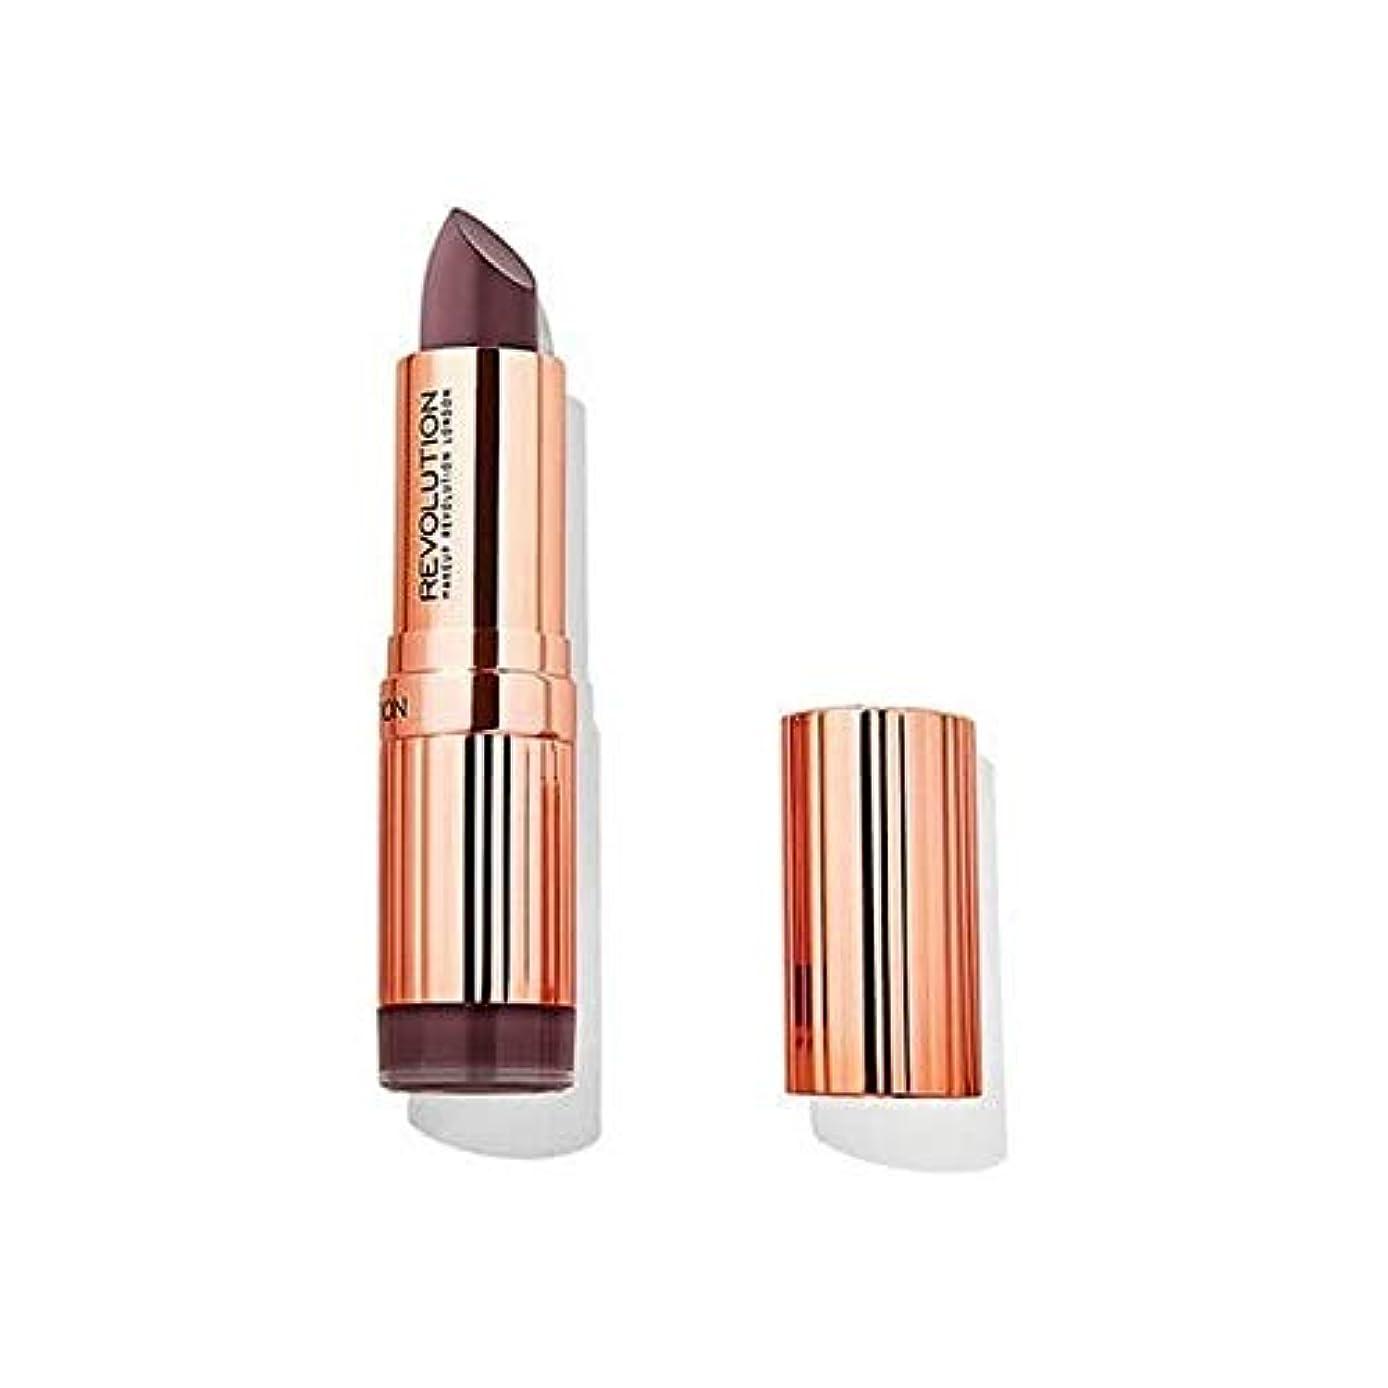 課すヨーロッパ質素な[Revolution ] 革命ルネサンス口紅買収 - Revolution Renaissance Lipstick Takeover [並行輸入品]